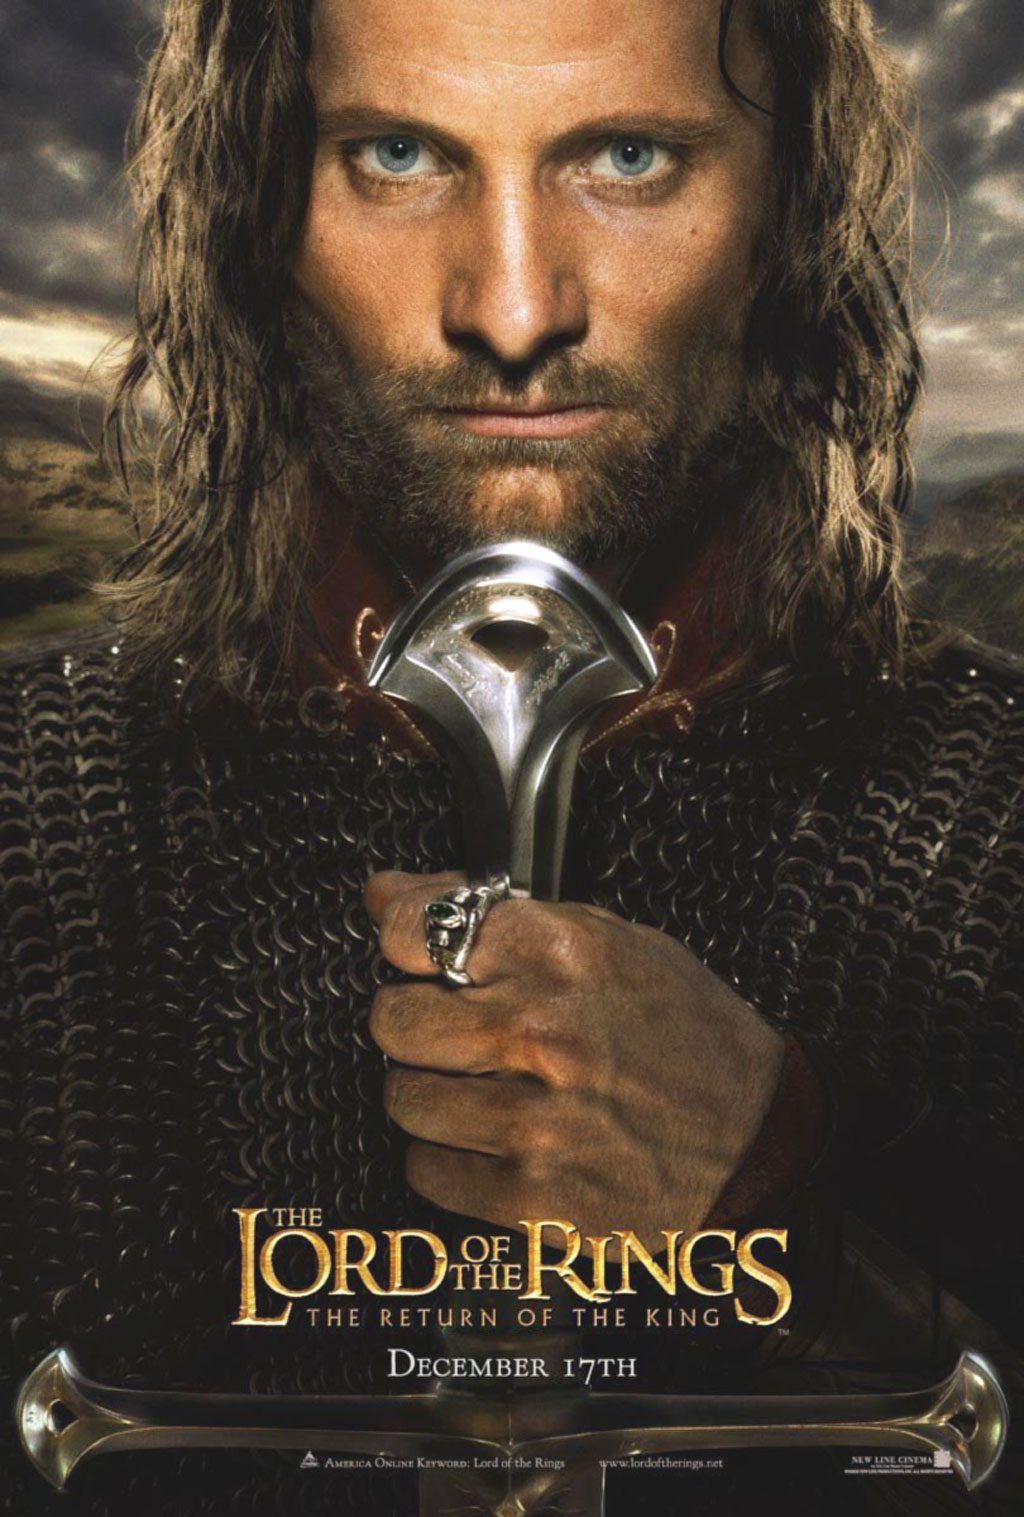 Figli di Gondor! Di Rohan! Fratelli miei! Vedo nei vostri occhi la stessa paura che potrebbe afferrare il mio cuore! Ci sarà un giorno, in cui il coraggio degli uomini cederà, in cui abbandoneremo gli amici e spezzeremo ogni legame di fratellanza, ma non è questo il giorno! Ci...